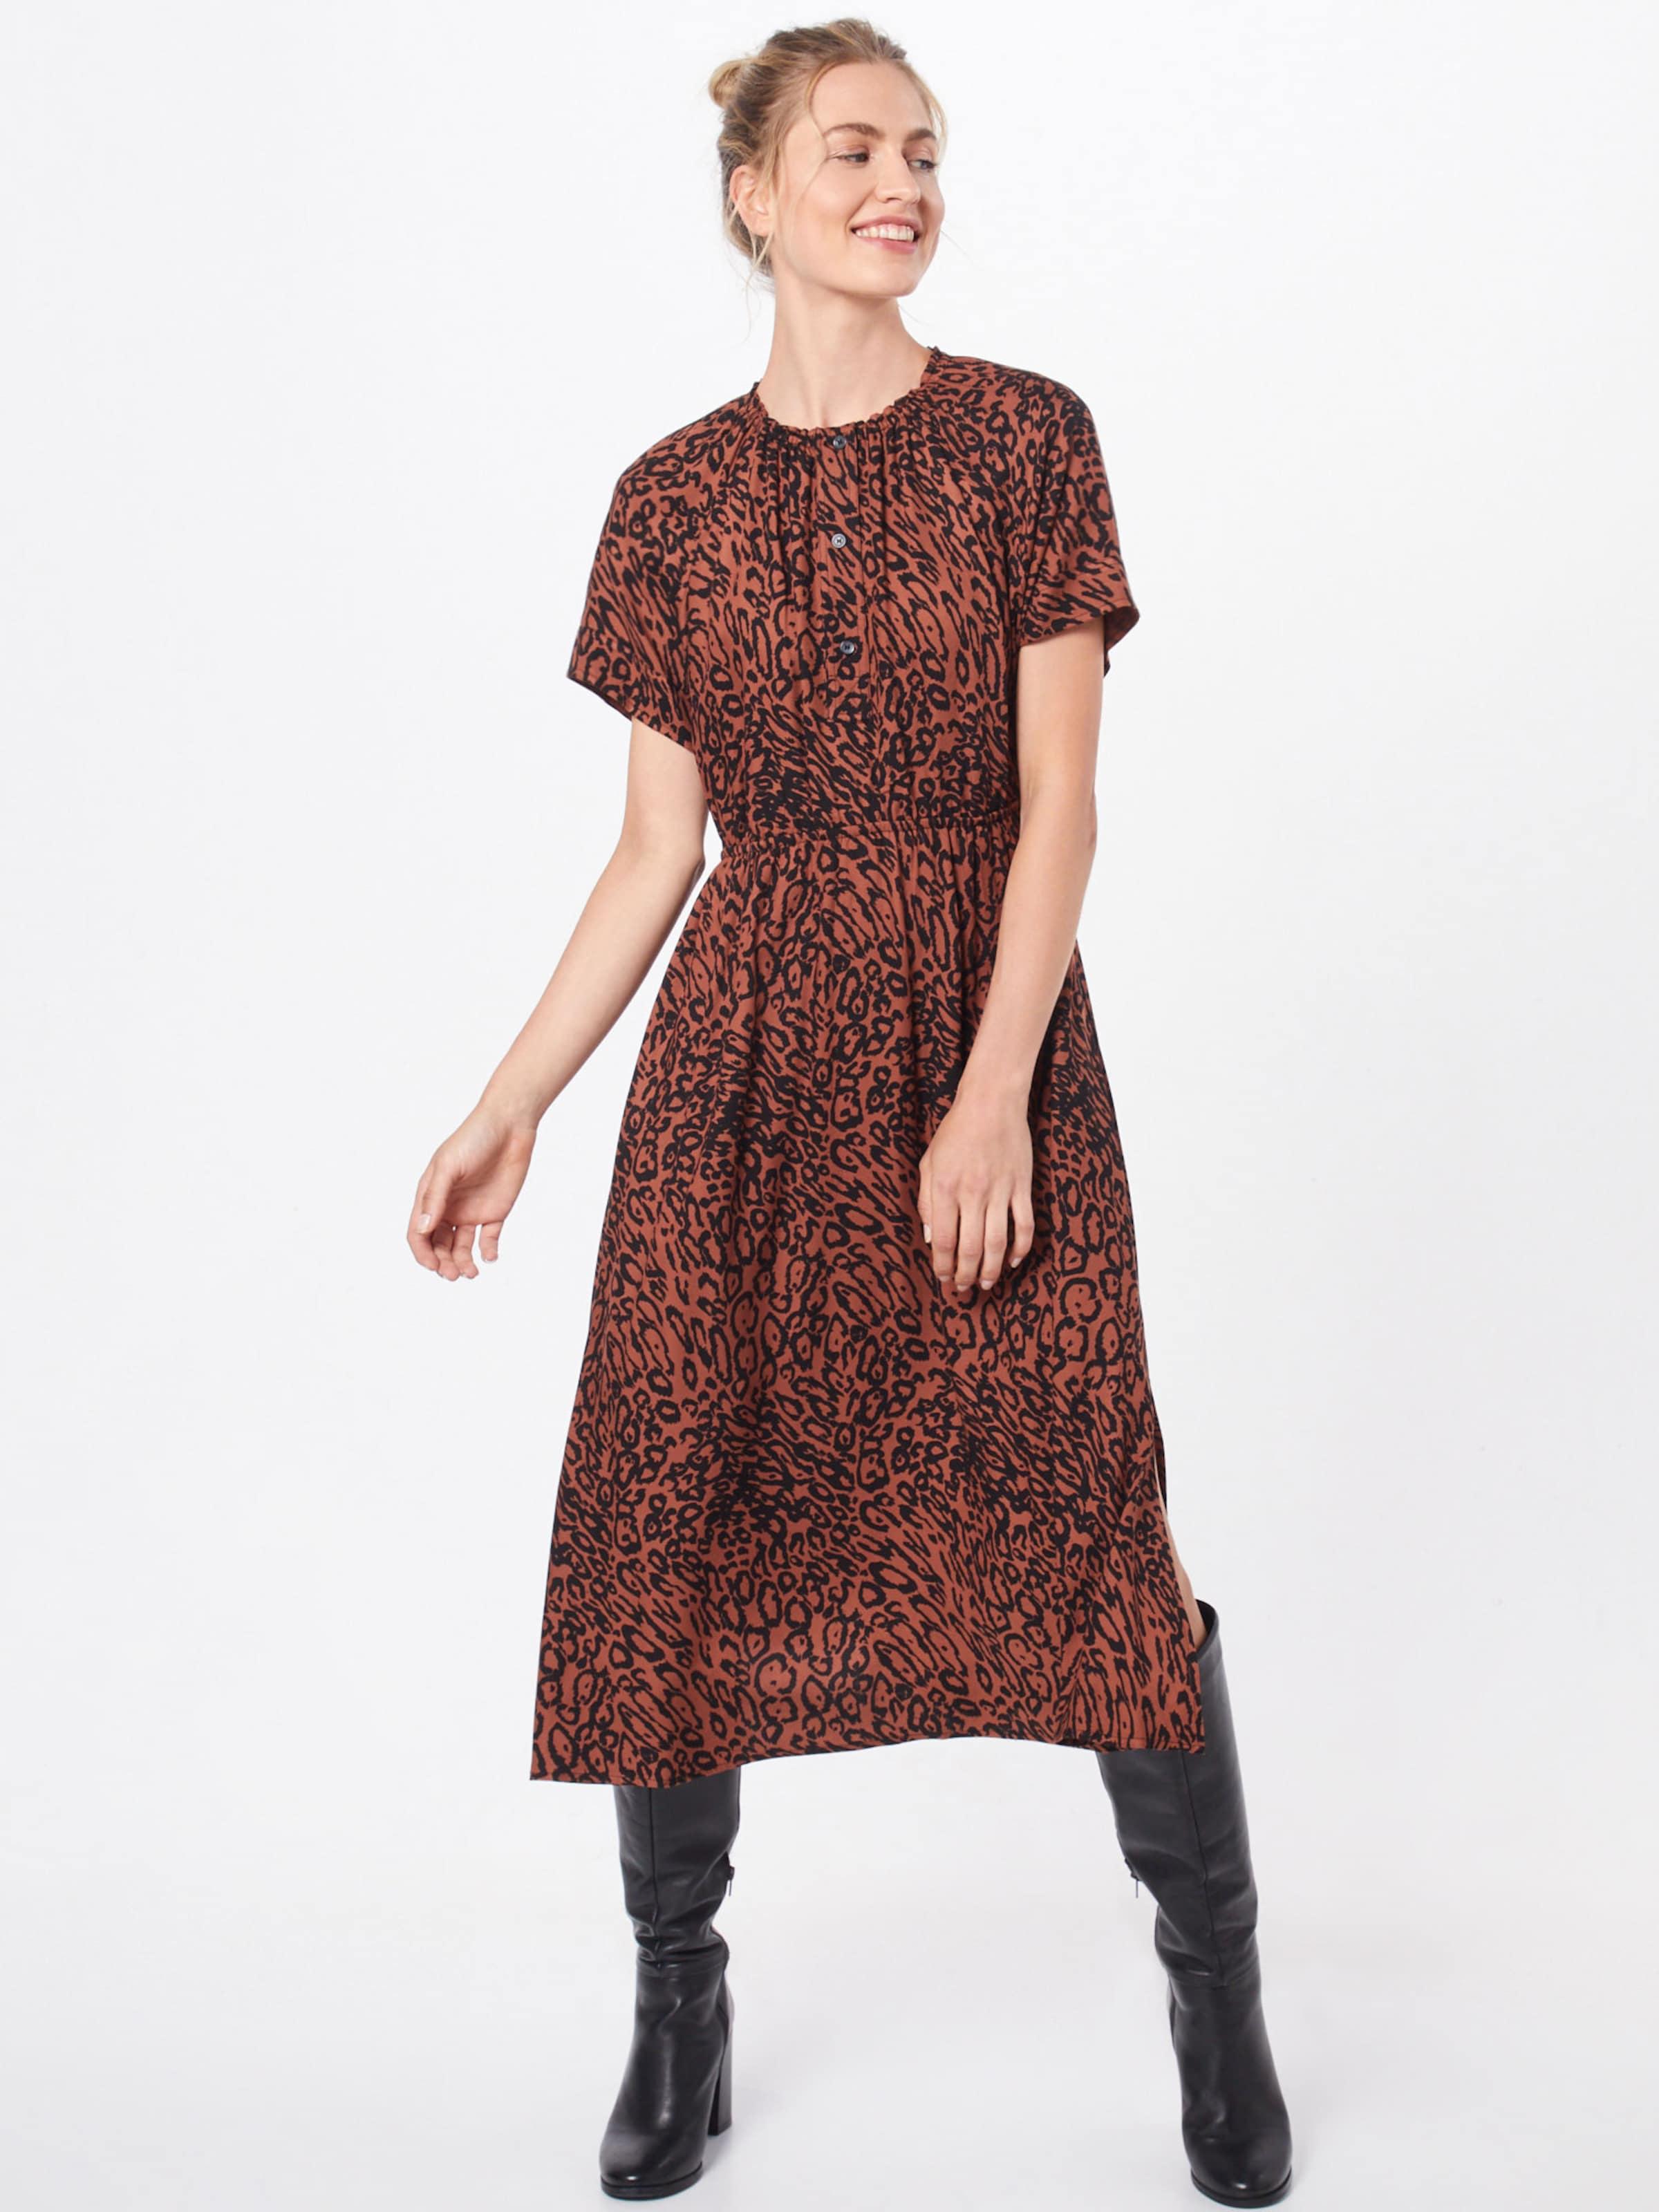 Klein BraunSchwarz 'leopard' In Kleid Calvin nOkPX80w